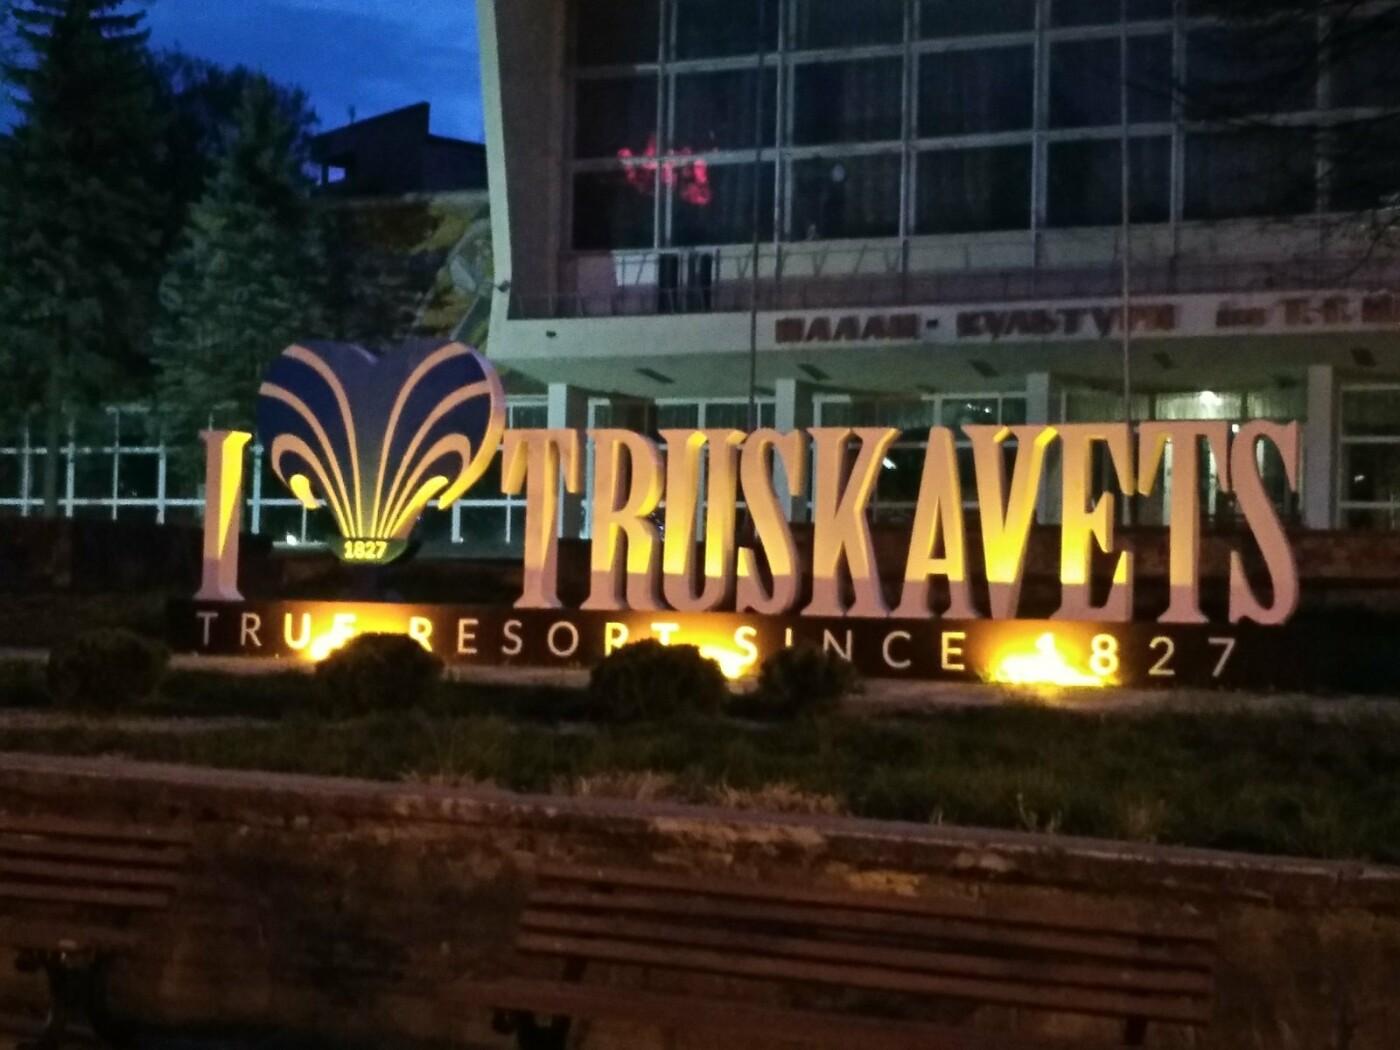 Дивовижний Трускавець: вечірній фотоогляд центральної частини міста-курорту, фото-6, Фото - 03247.com.ua